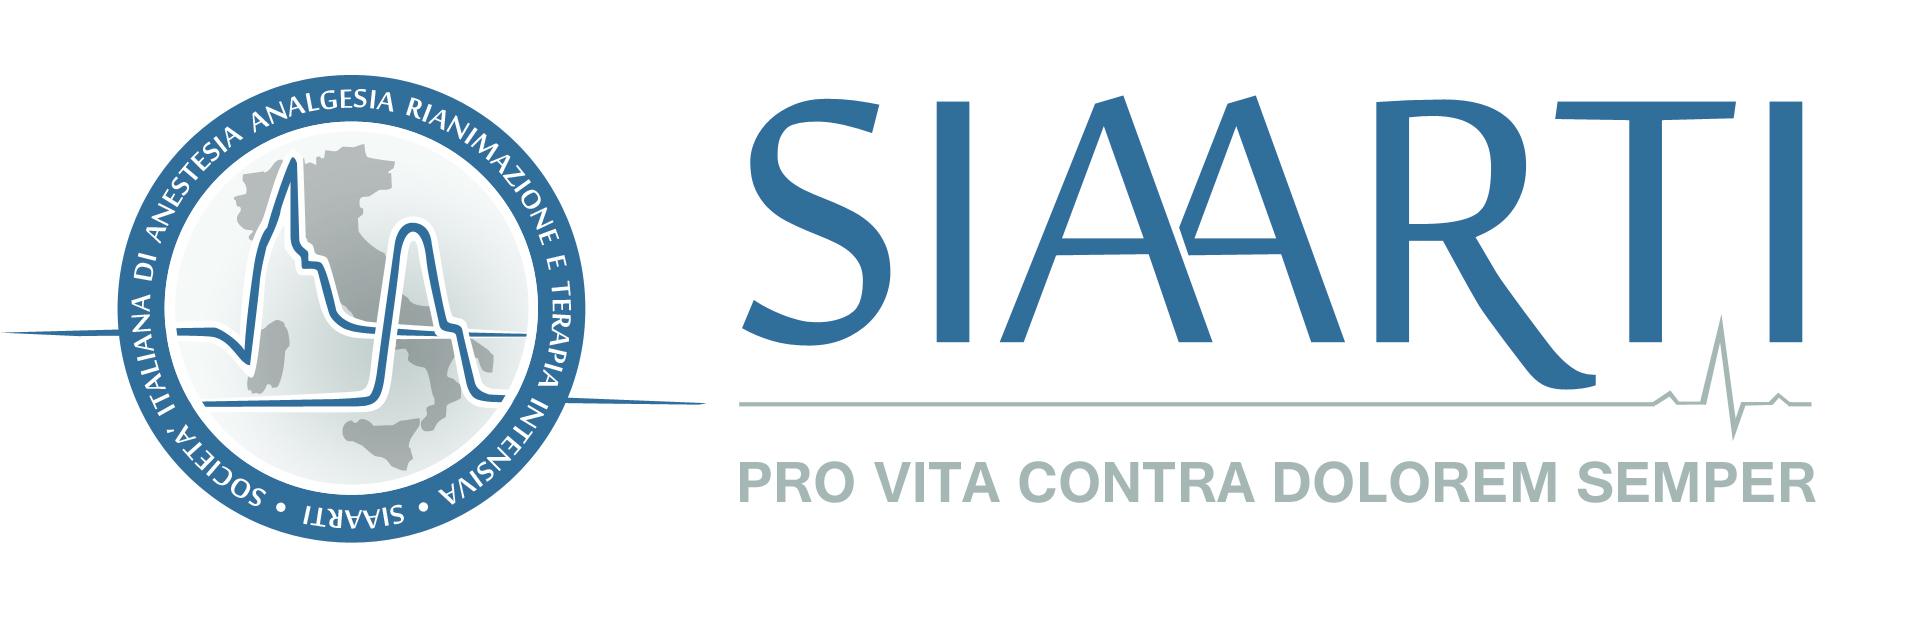 SIAARTI logo